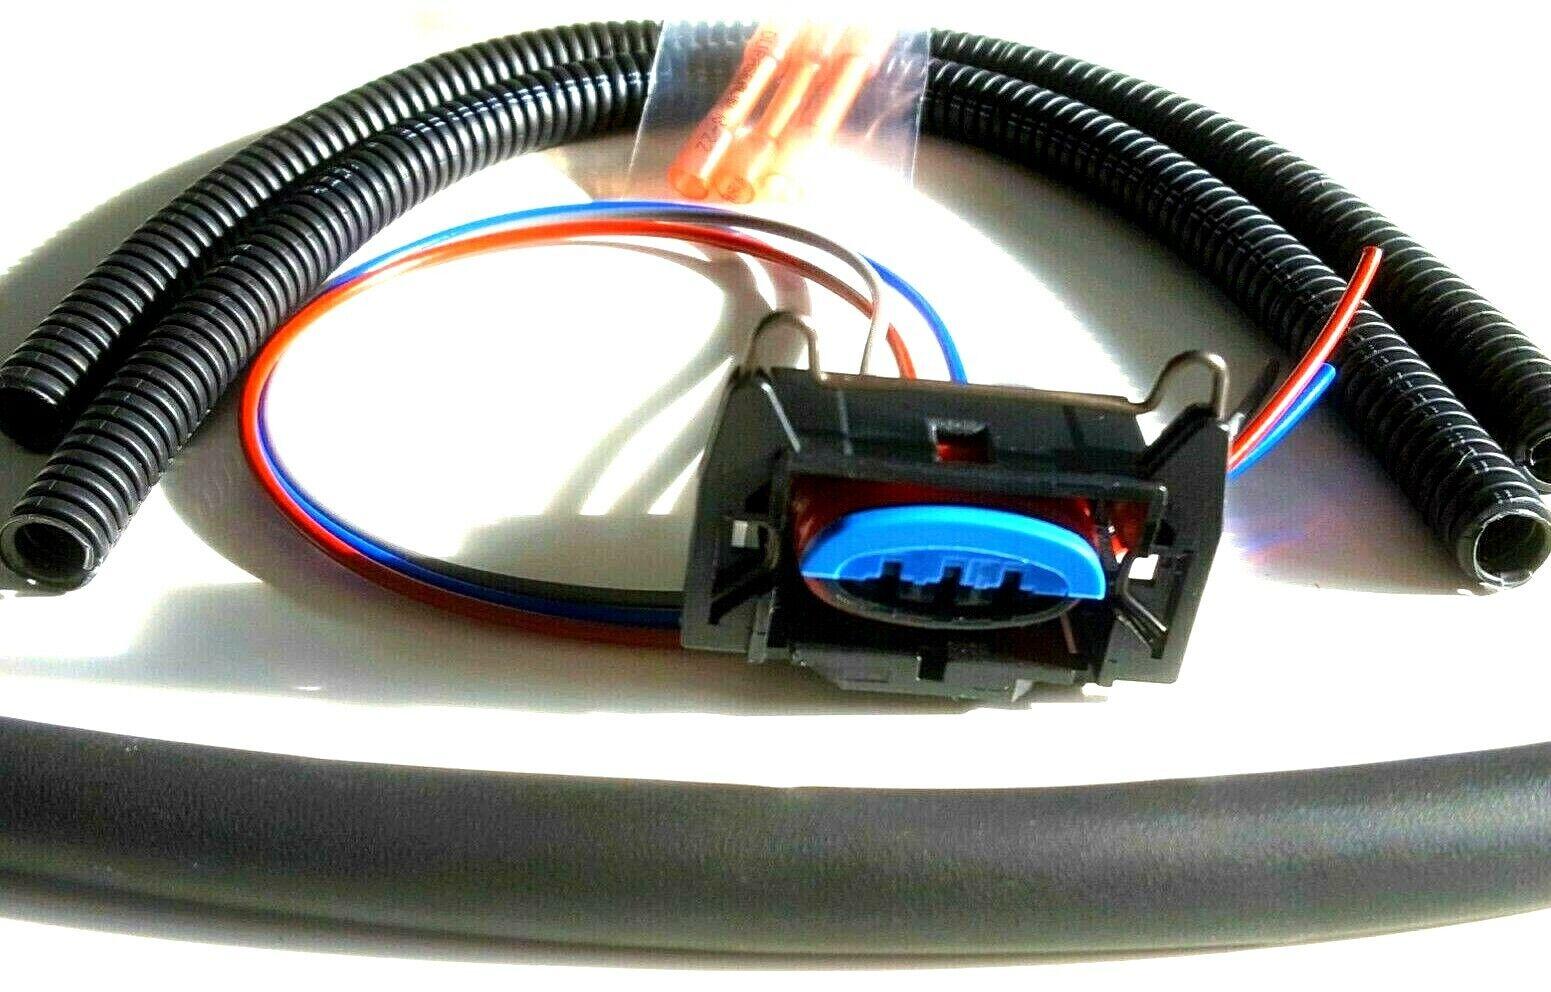 Ford Zetec Duratec EDIS Bobine 3 Way Connecteur Pré Câblé Kit Réparation